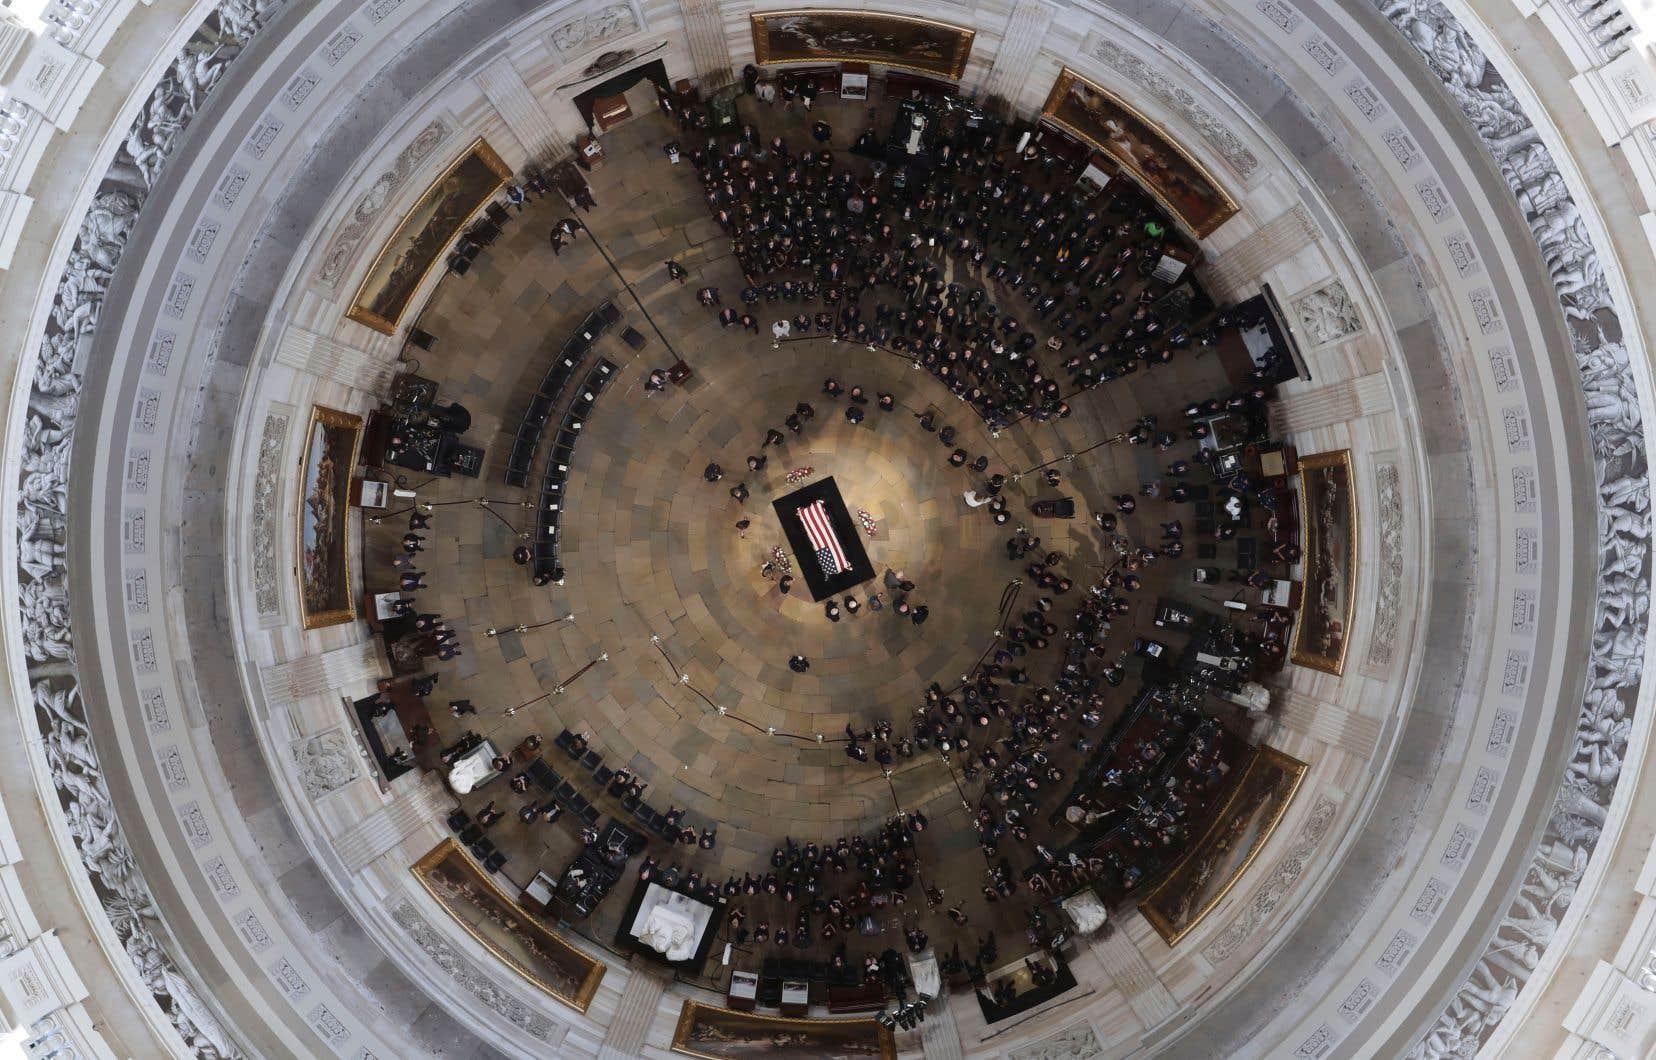 Le cercueil drapé du défunt sénateur américain John McCain a été exposé sous la coupole du Capitole, à Washington.